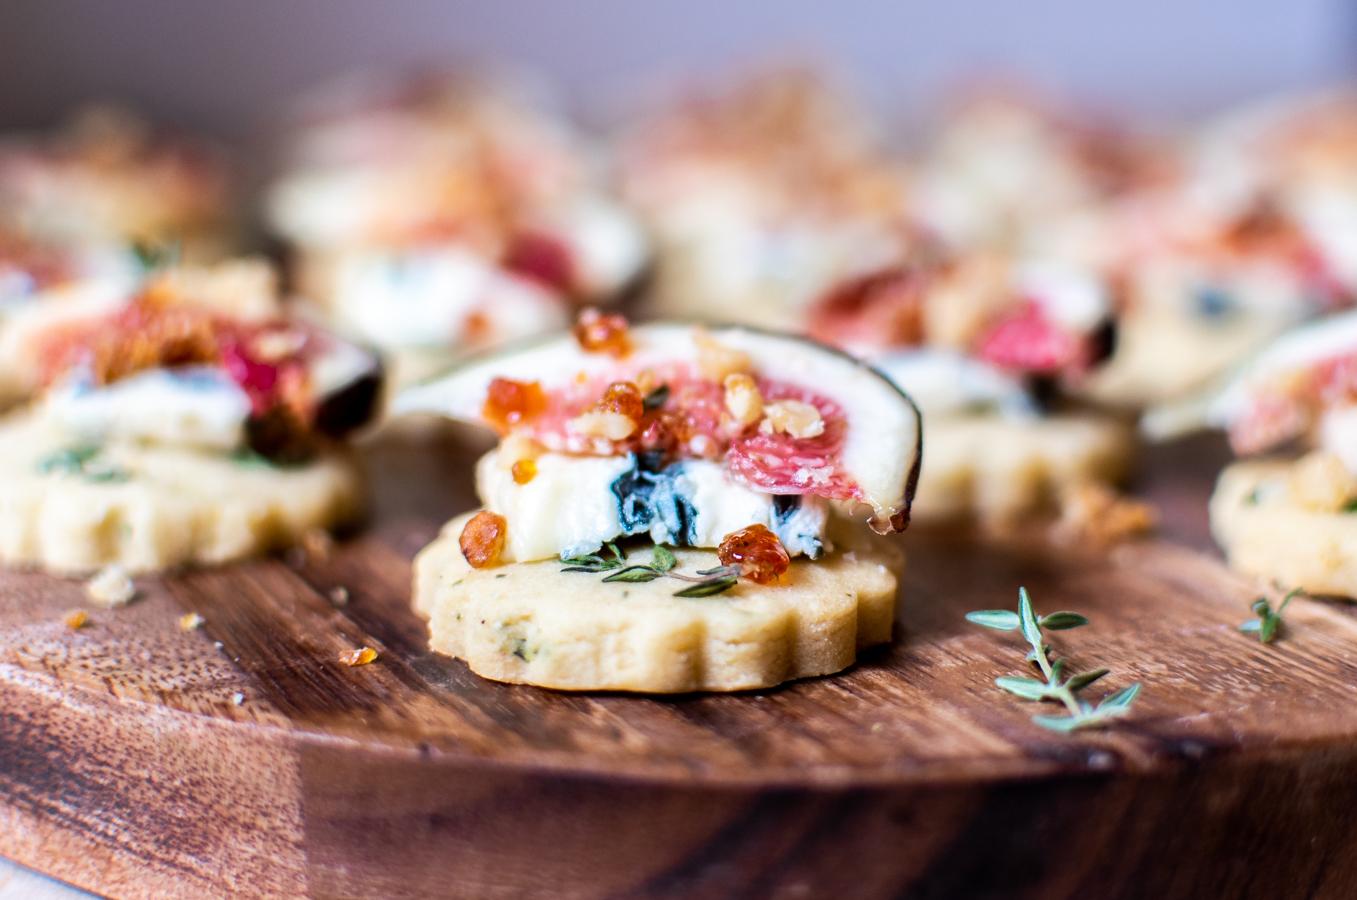 georgia-barnes-canape-recipe-fig-blue-cheese-biscuit